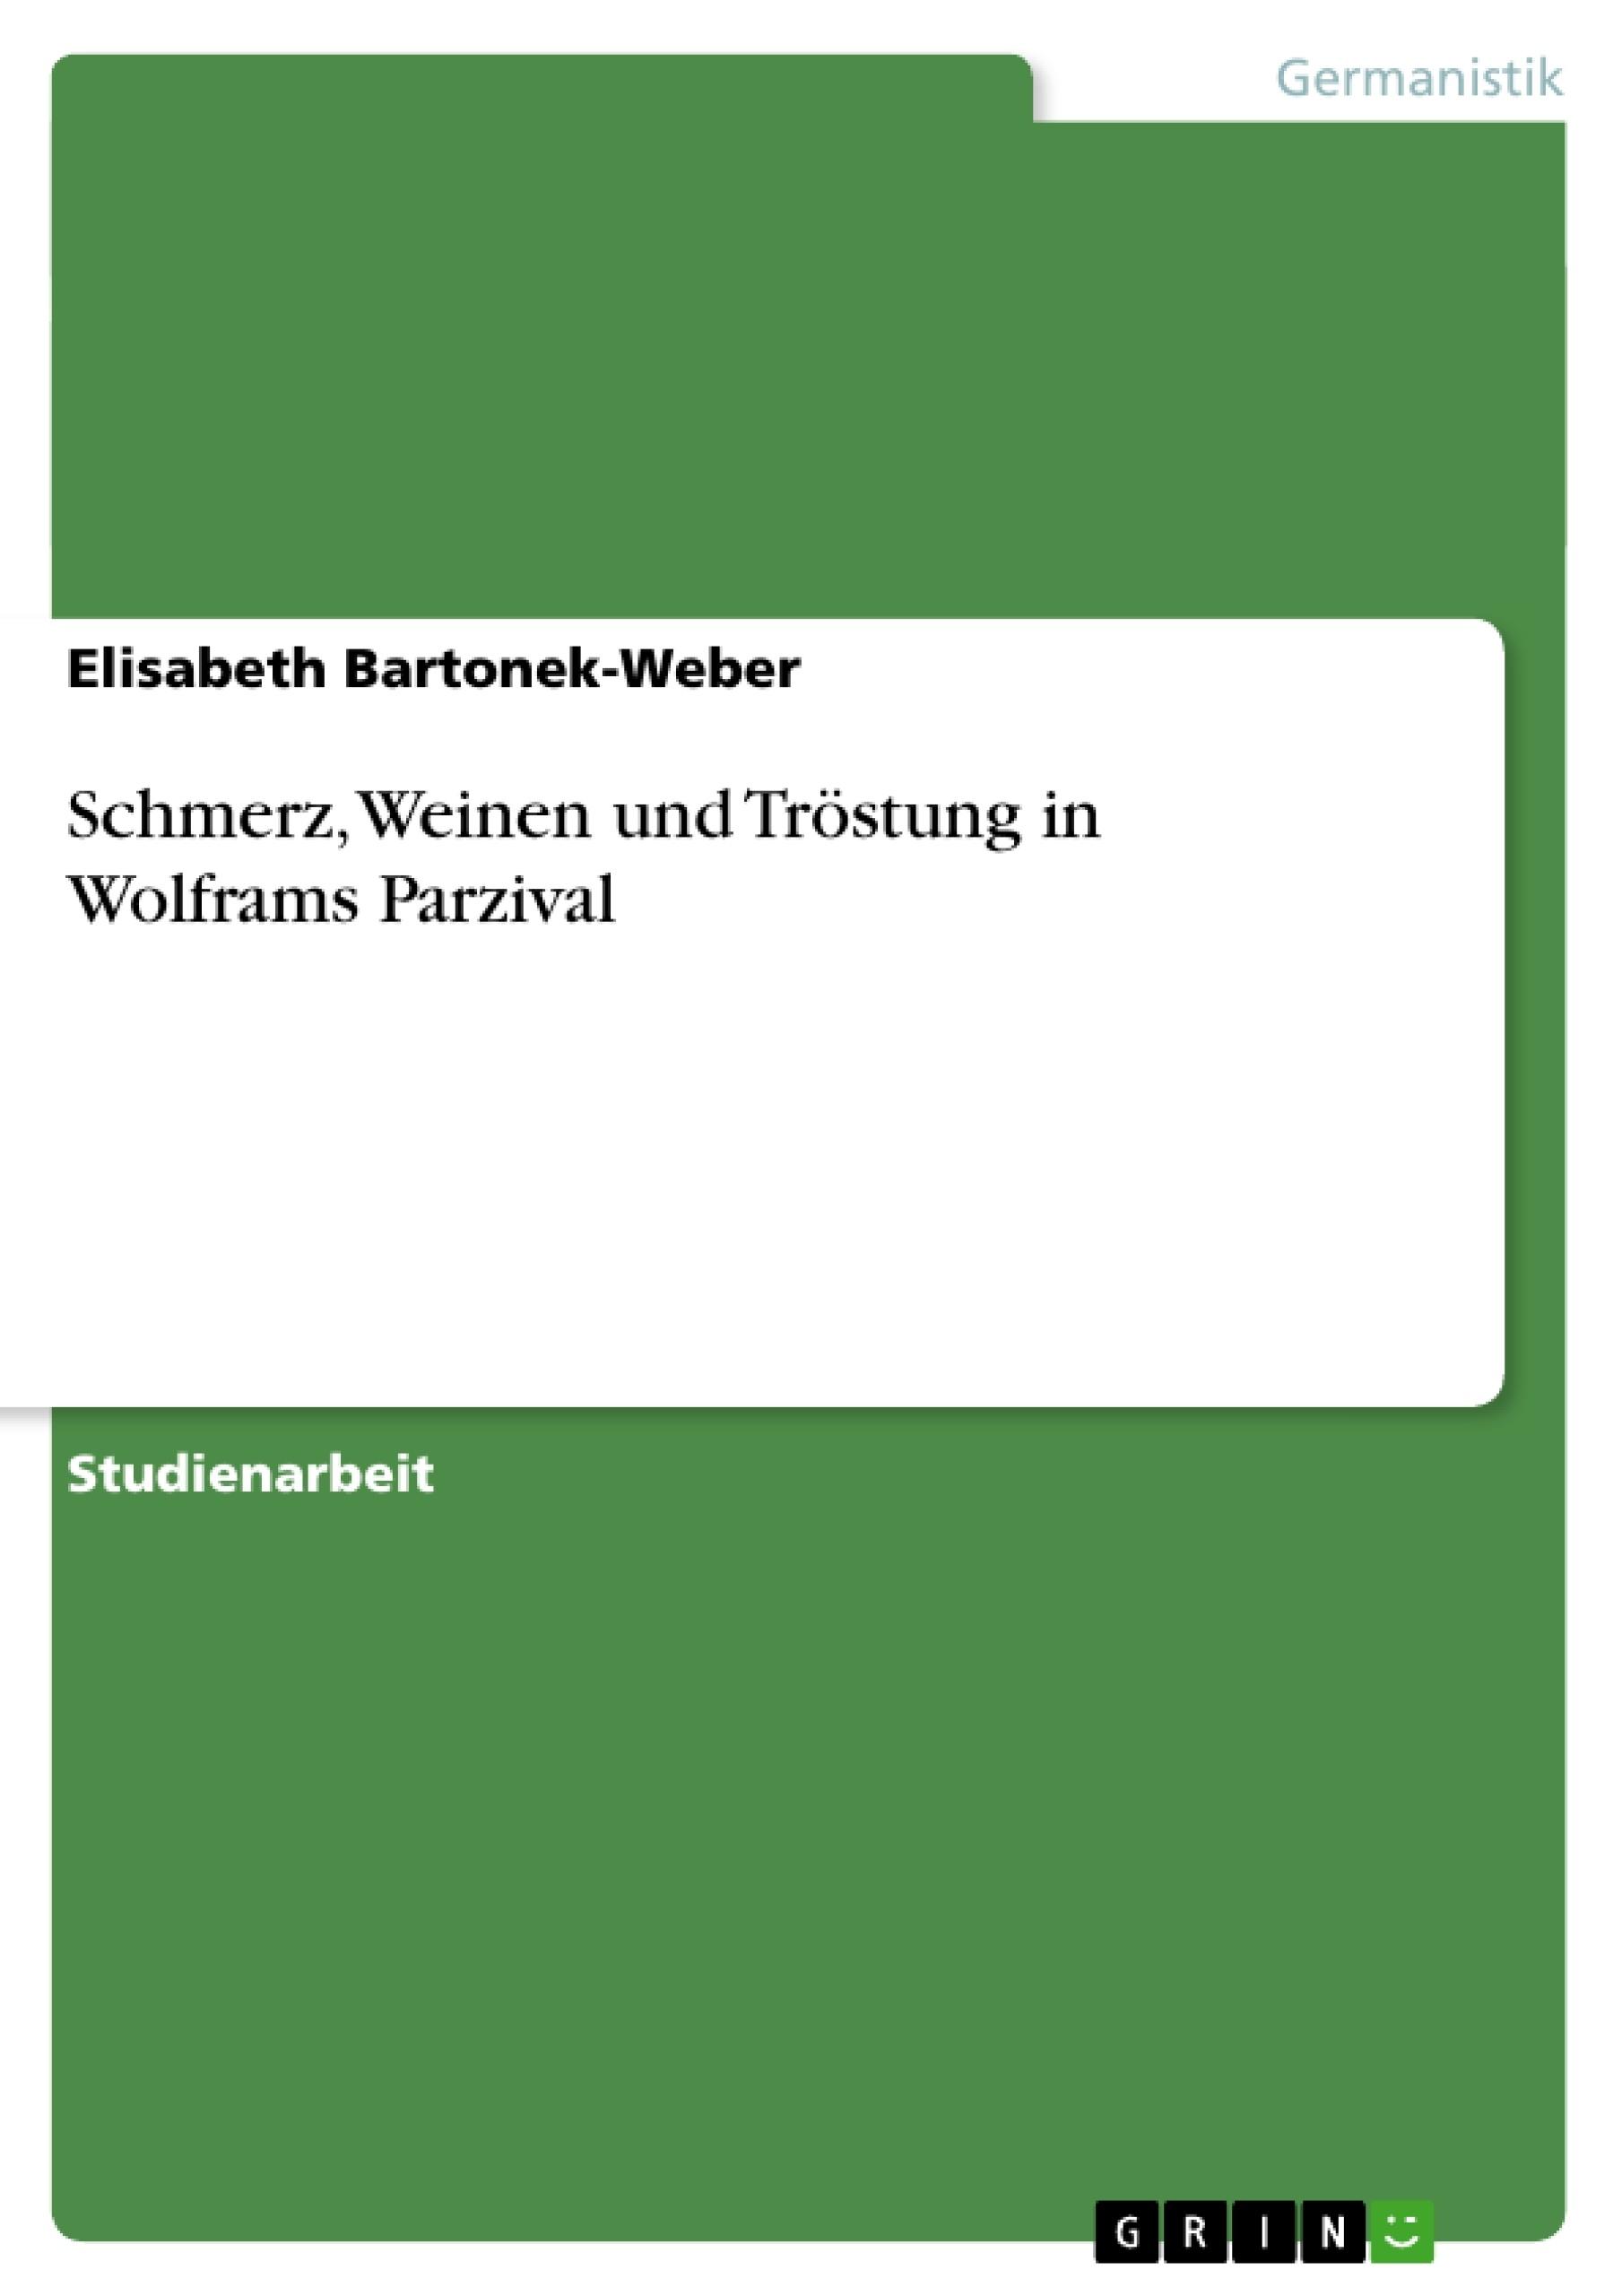 Titel: Schmerz, Weinen und Tröstung in Wolframs Parzival